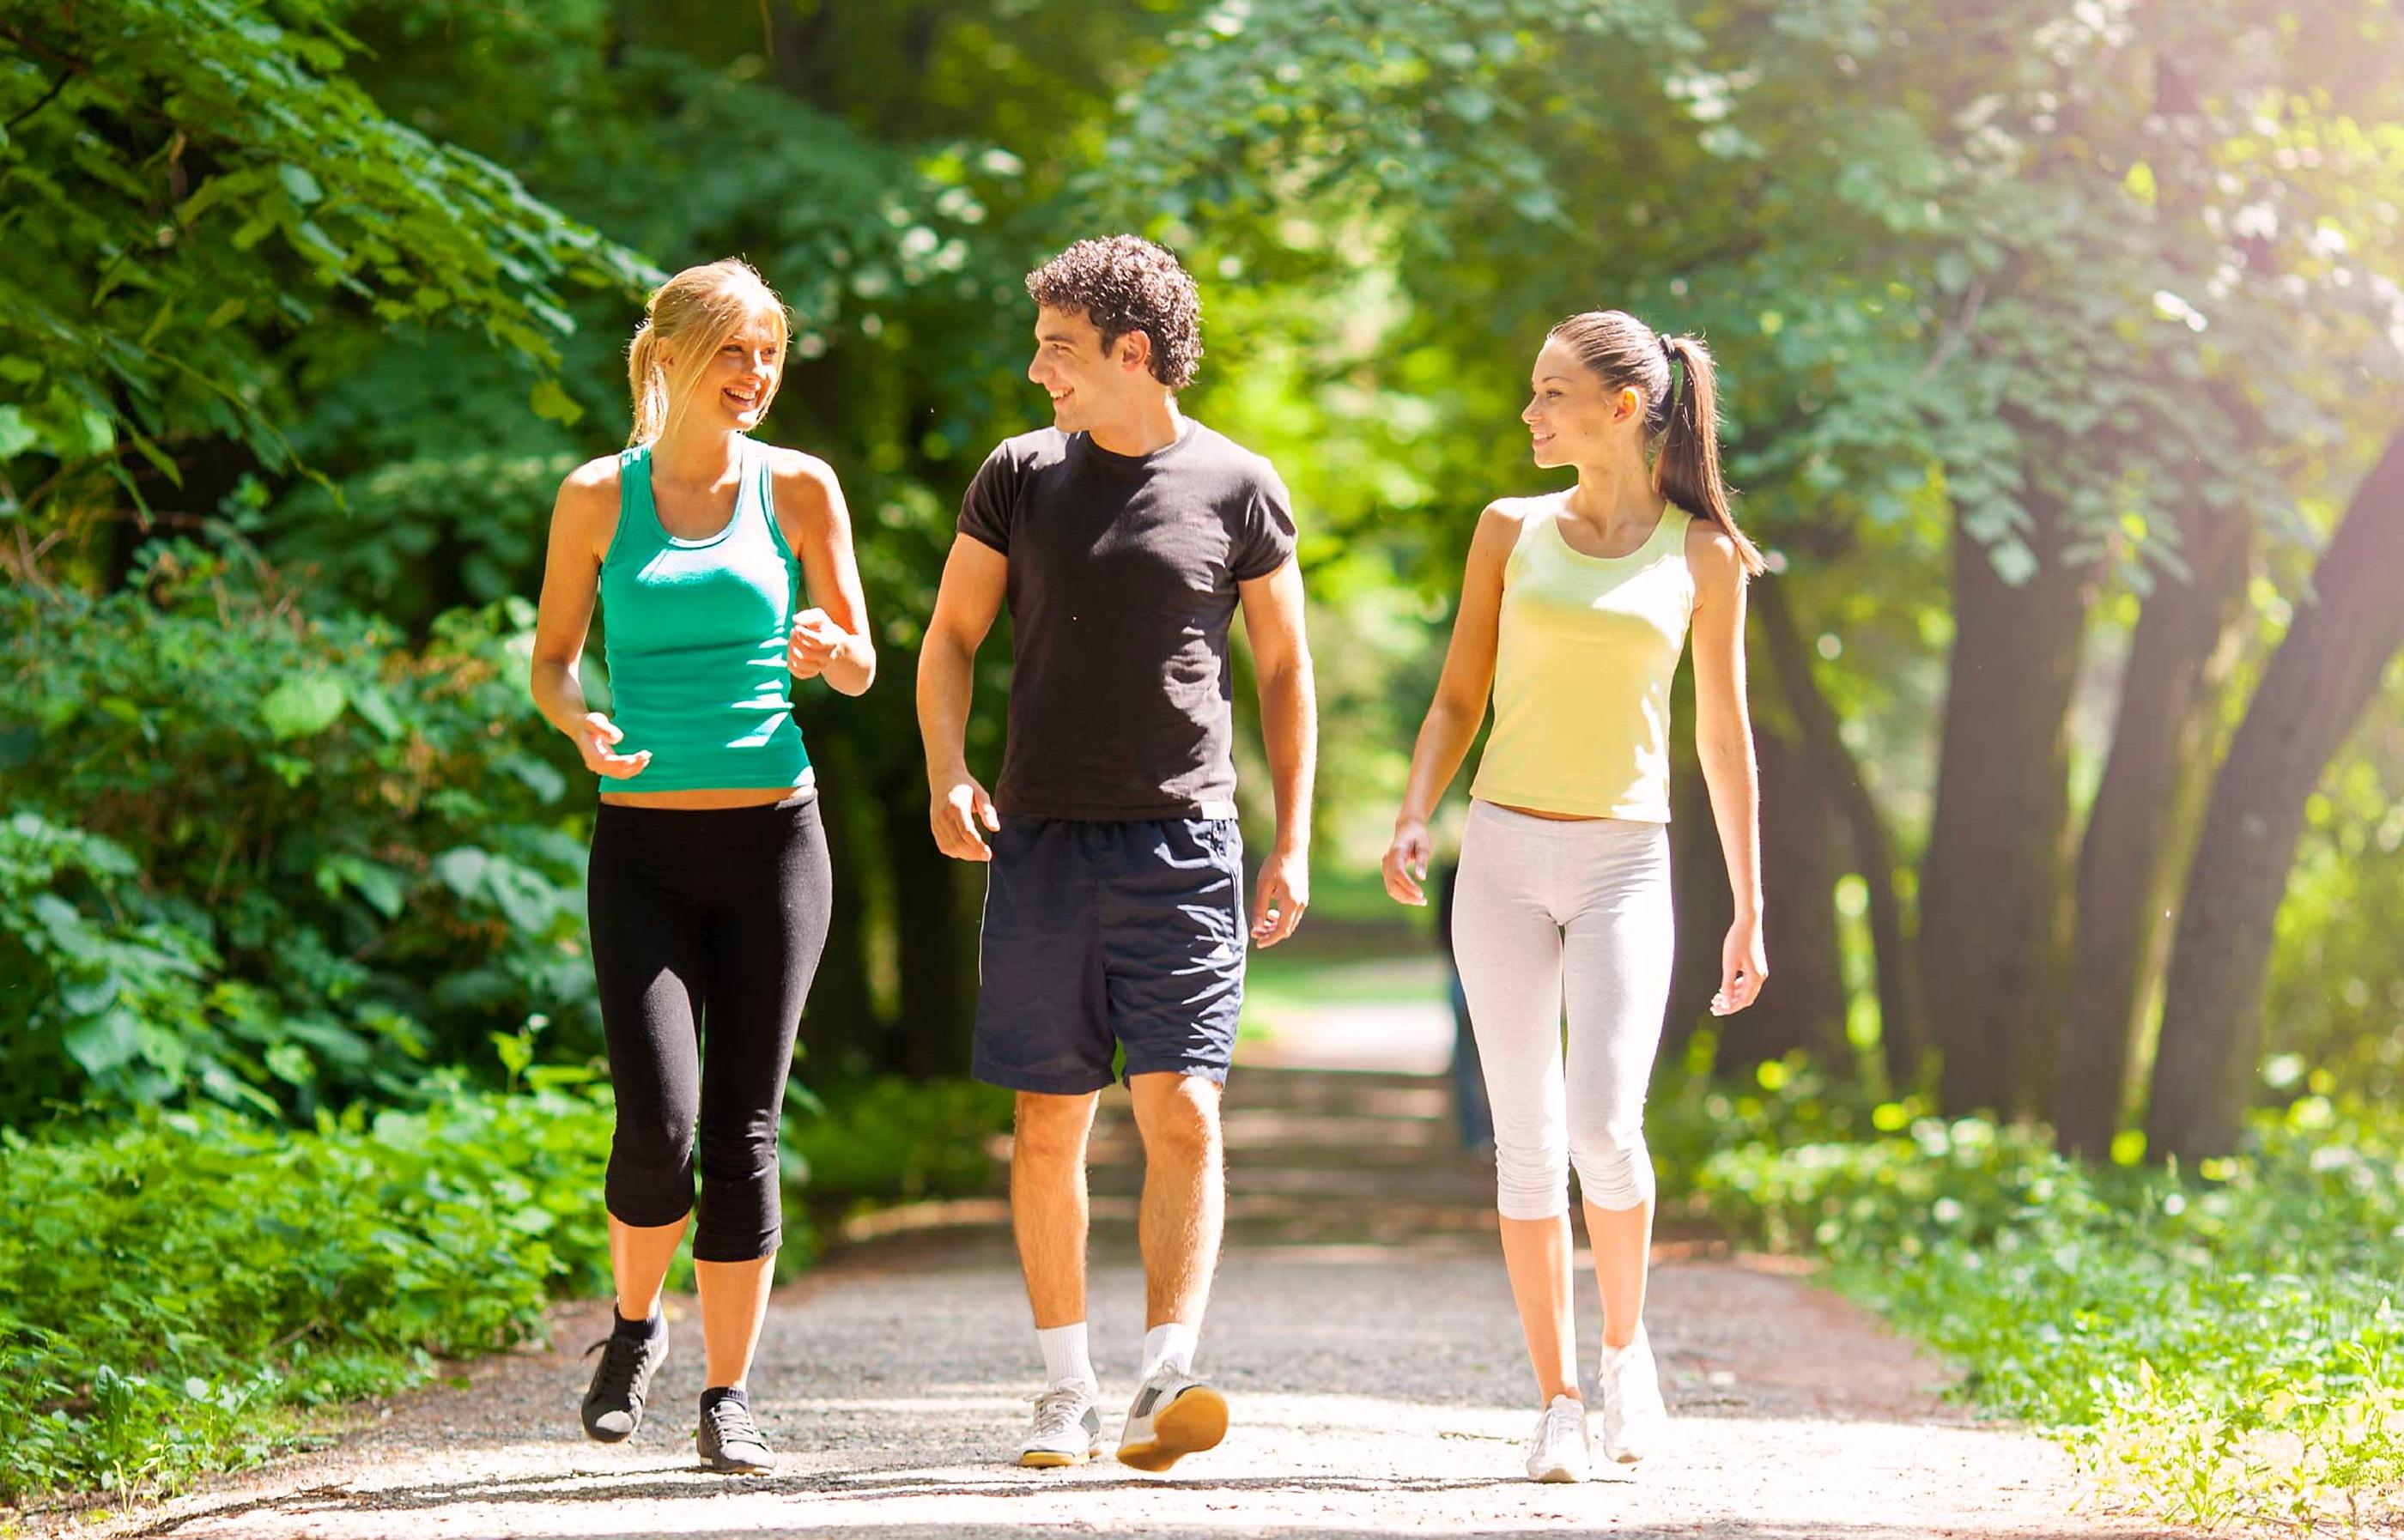 quando bisogna camminare per perdere peso